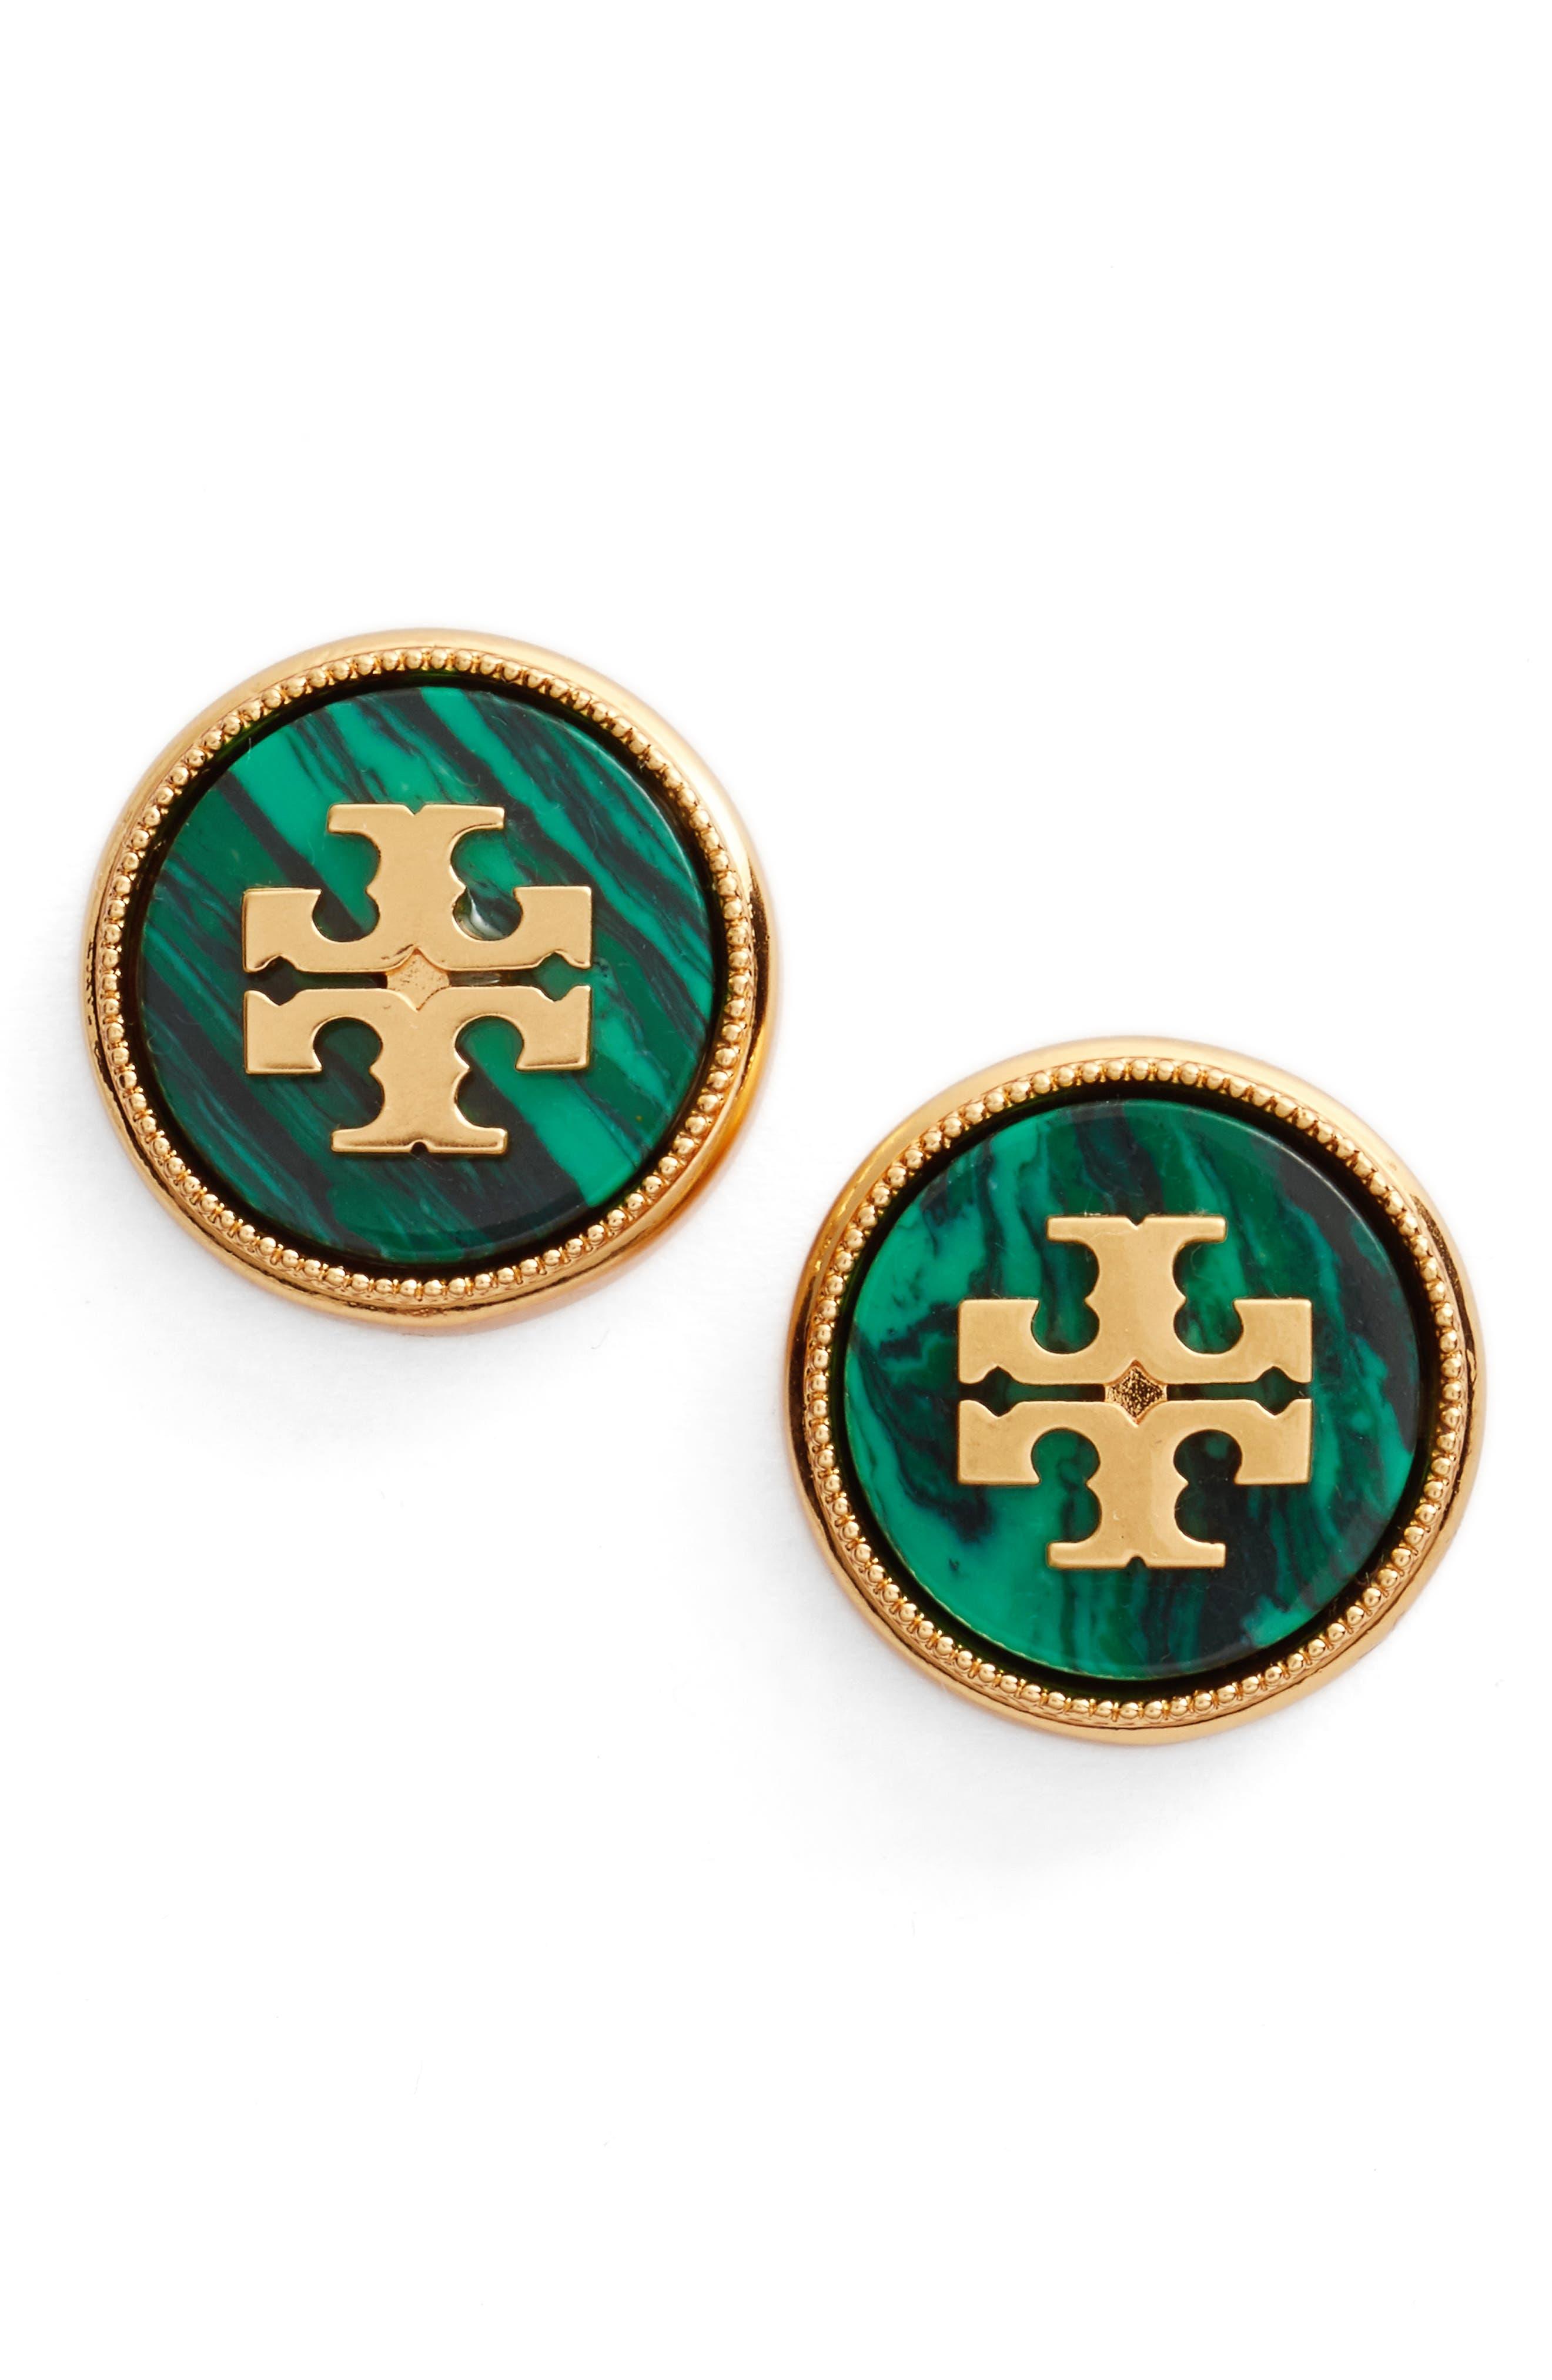 Tory Burch Semiprecious Stone Stud Earrings